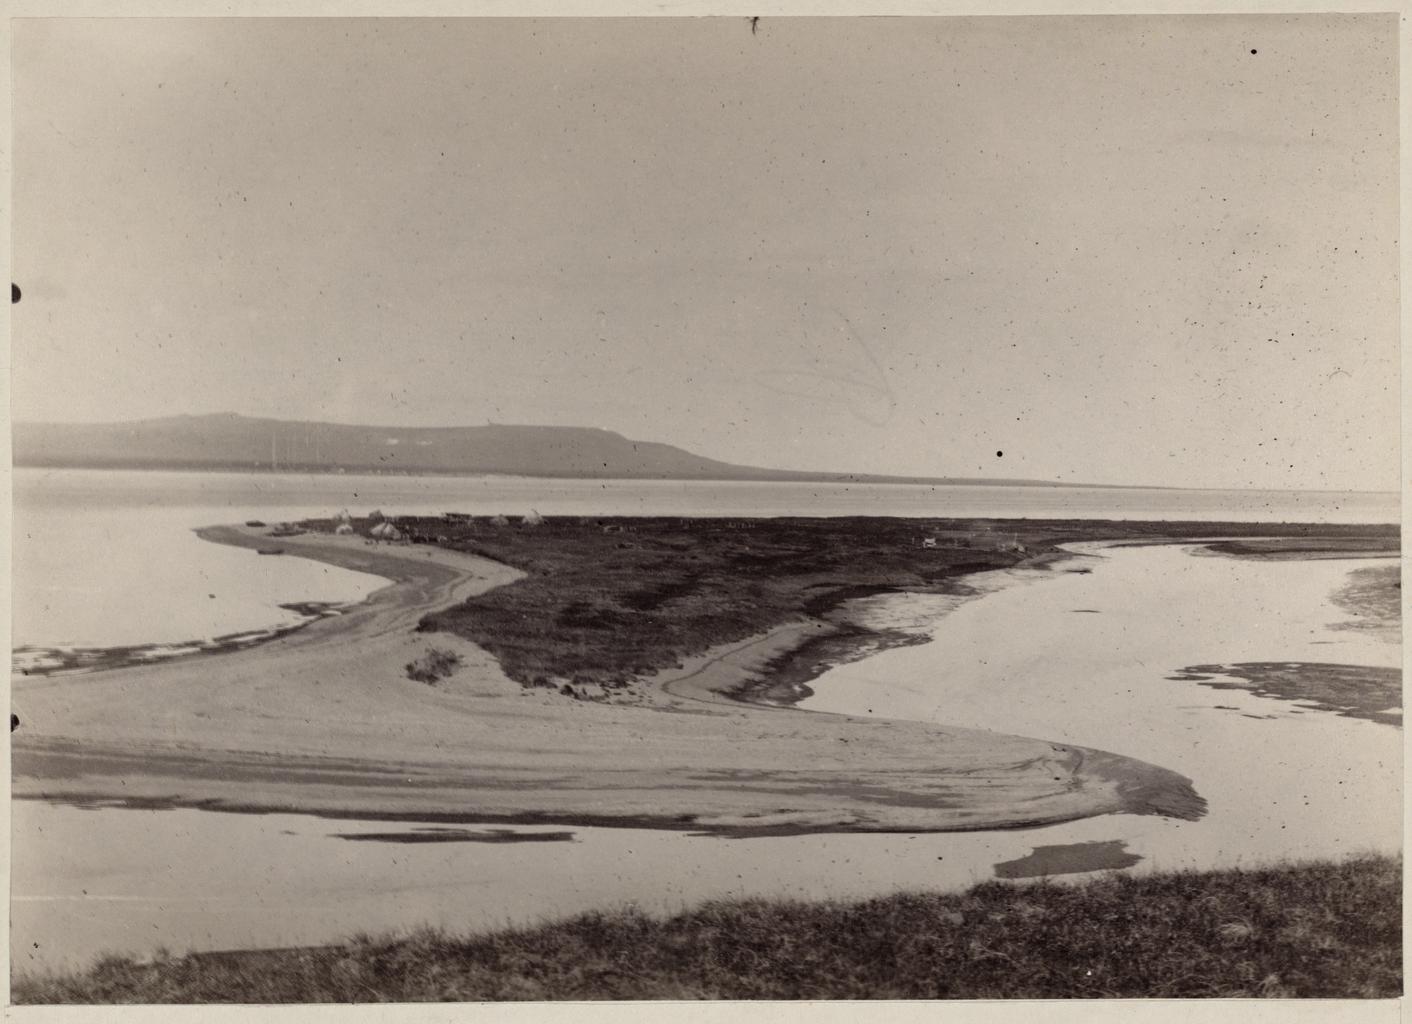 Вход в реку Анадырь с общим видом косы у мыса Александр, где устроено поселение Новомариинск